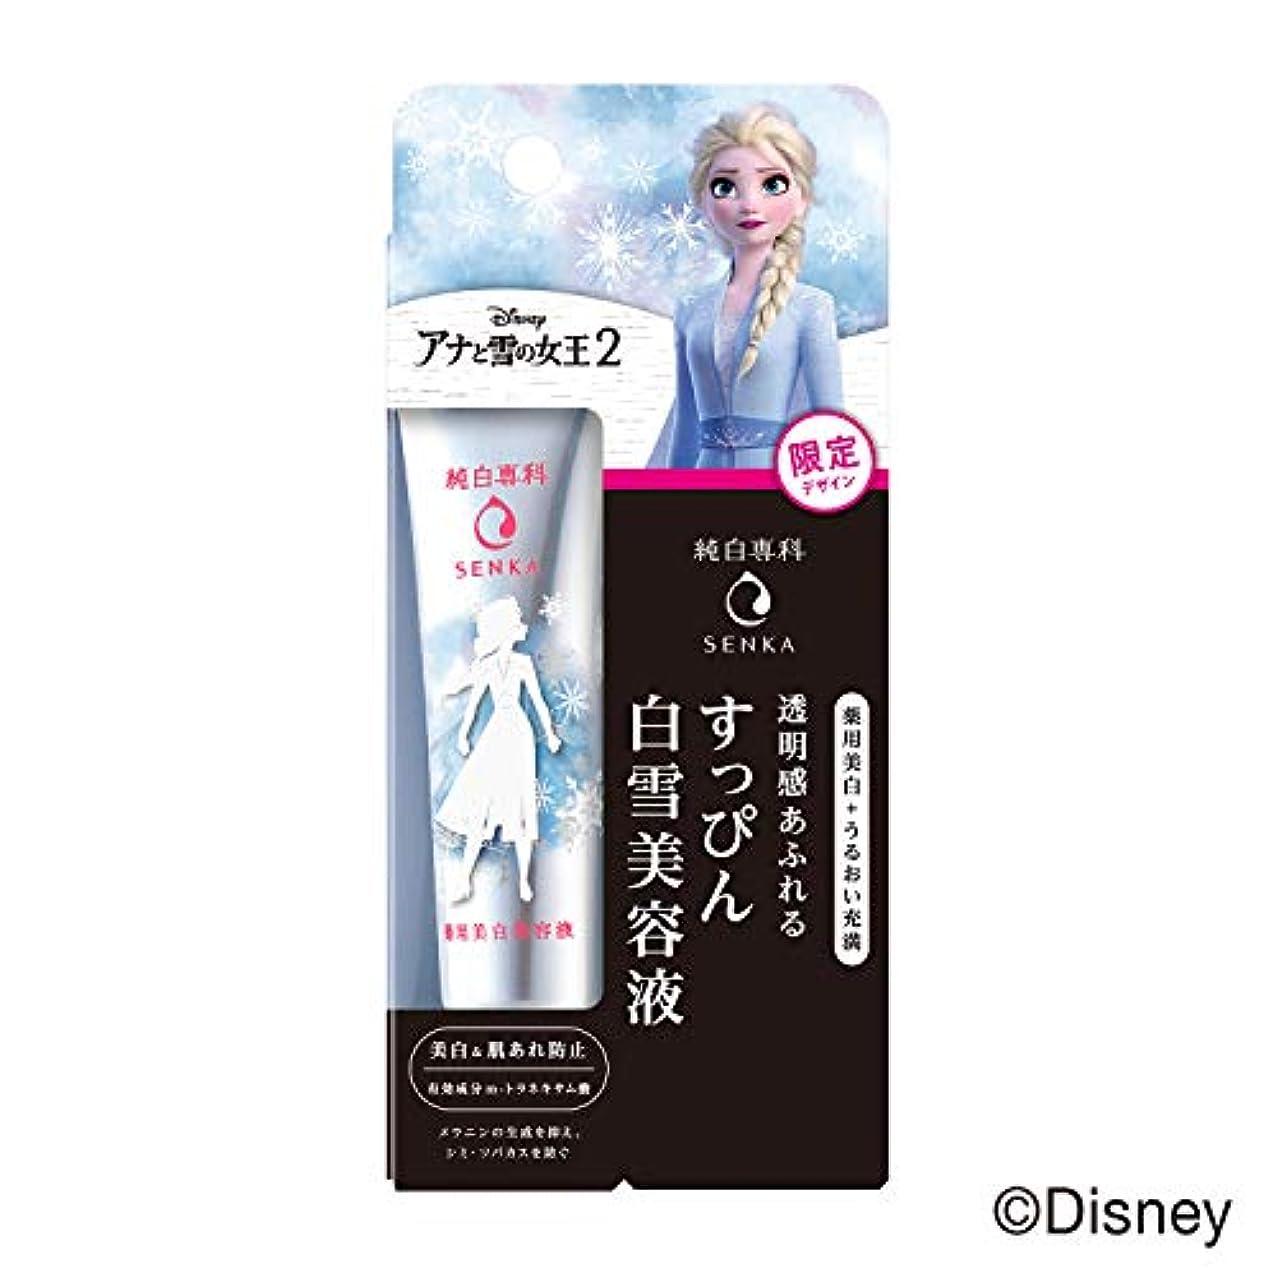 保持利点トライアスロン純白専科 すっぴん白雪美容液 ディズニー映画『アナと雪の女王2』限定デザイン